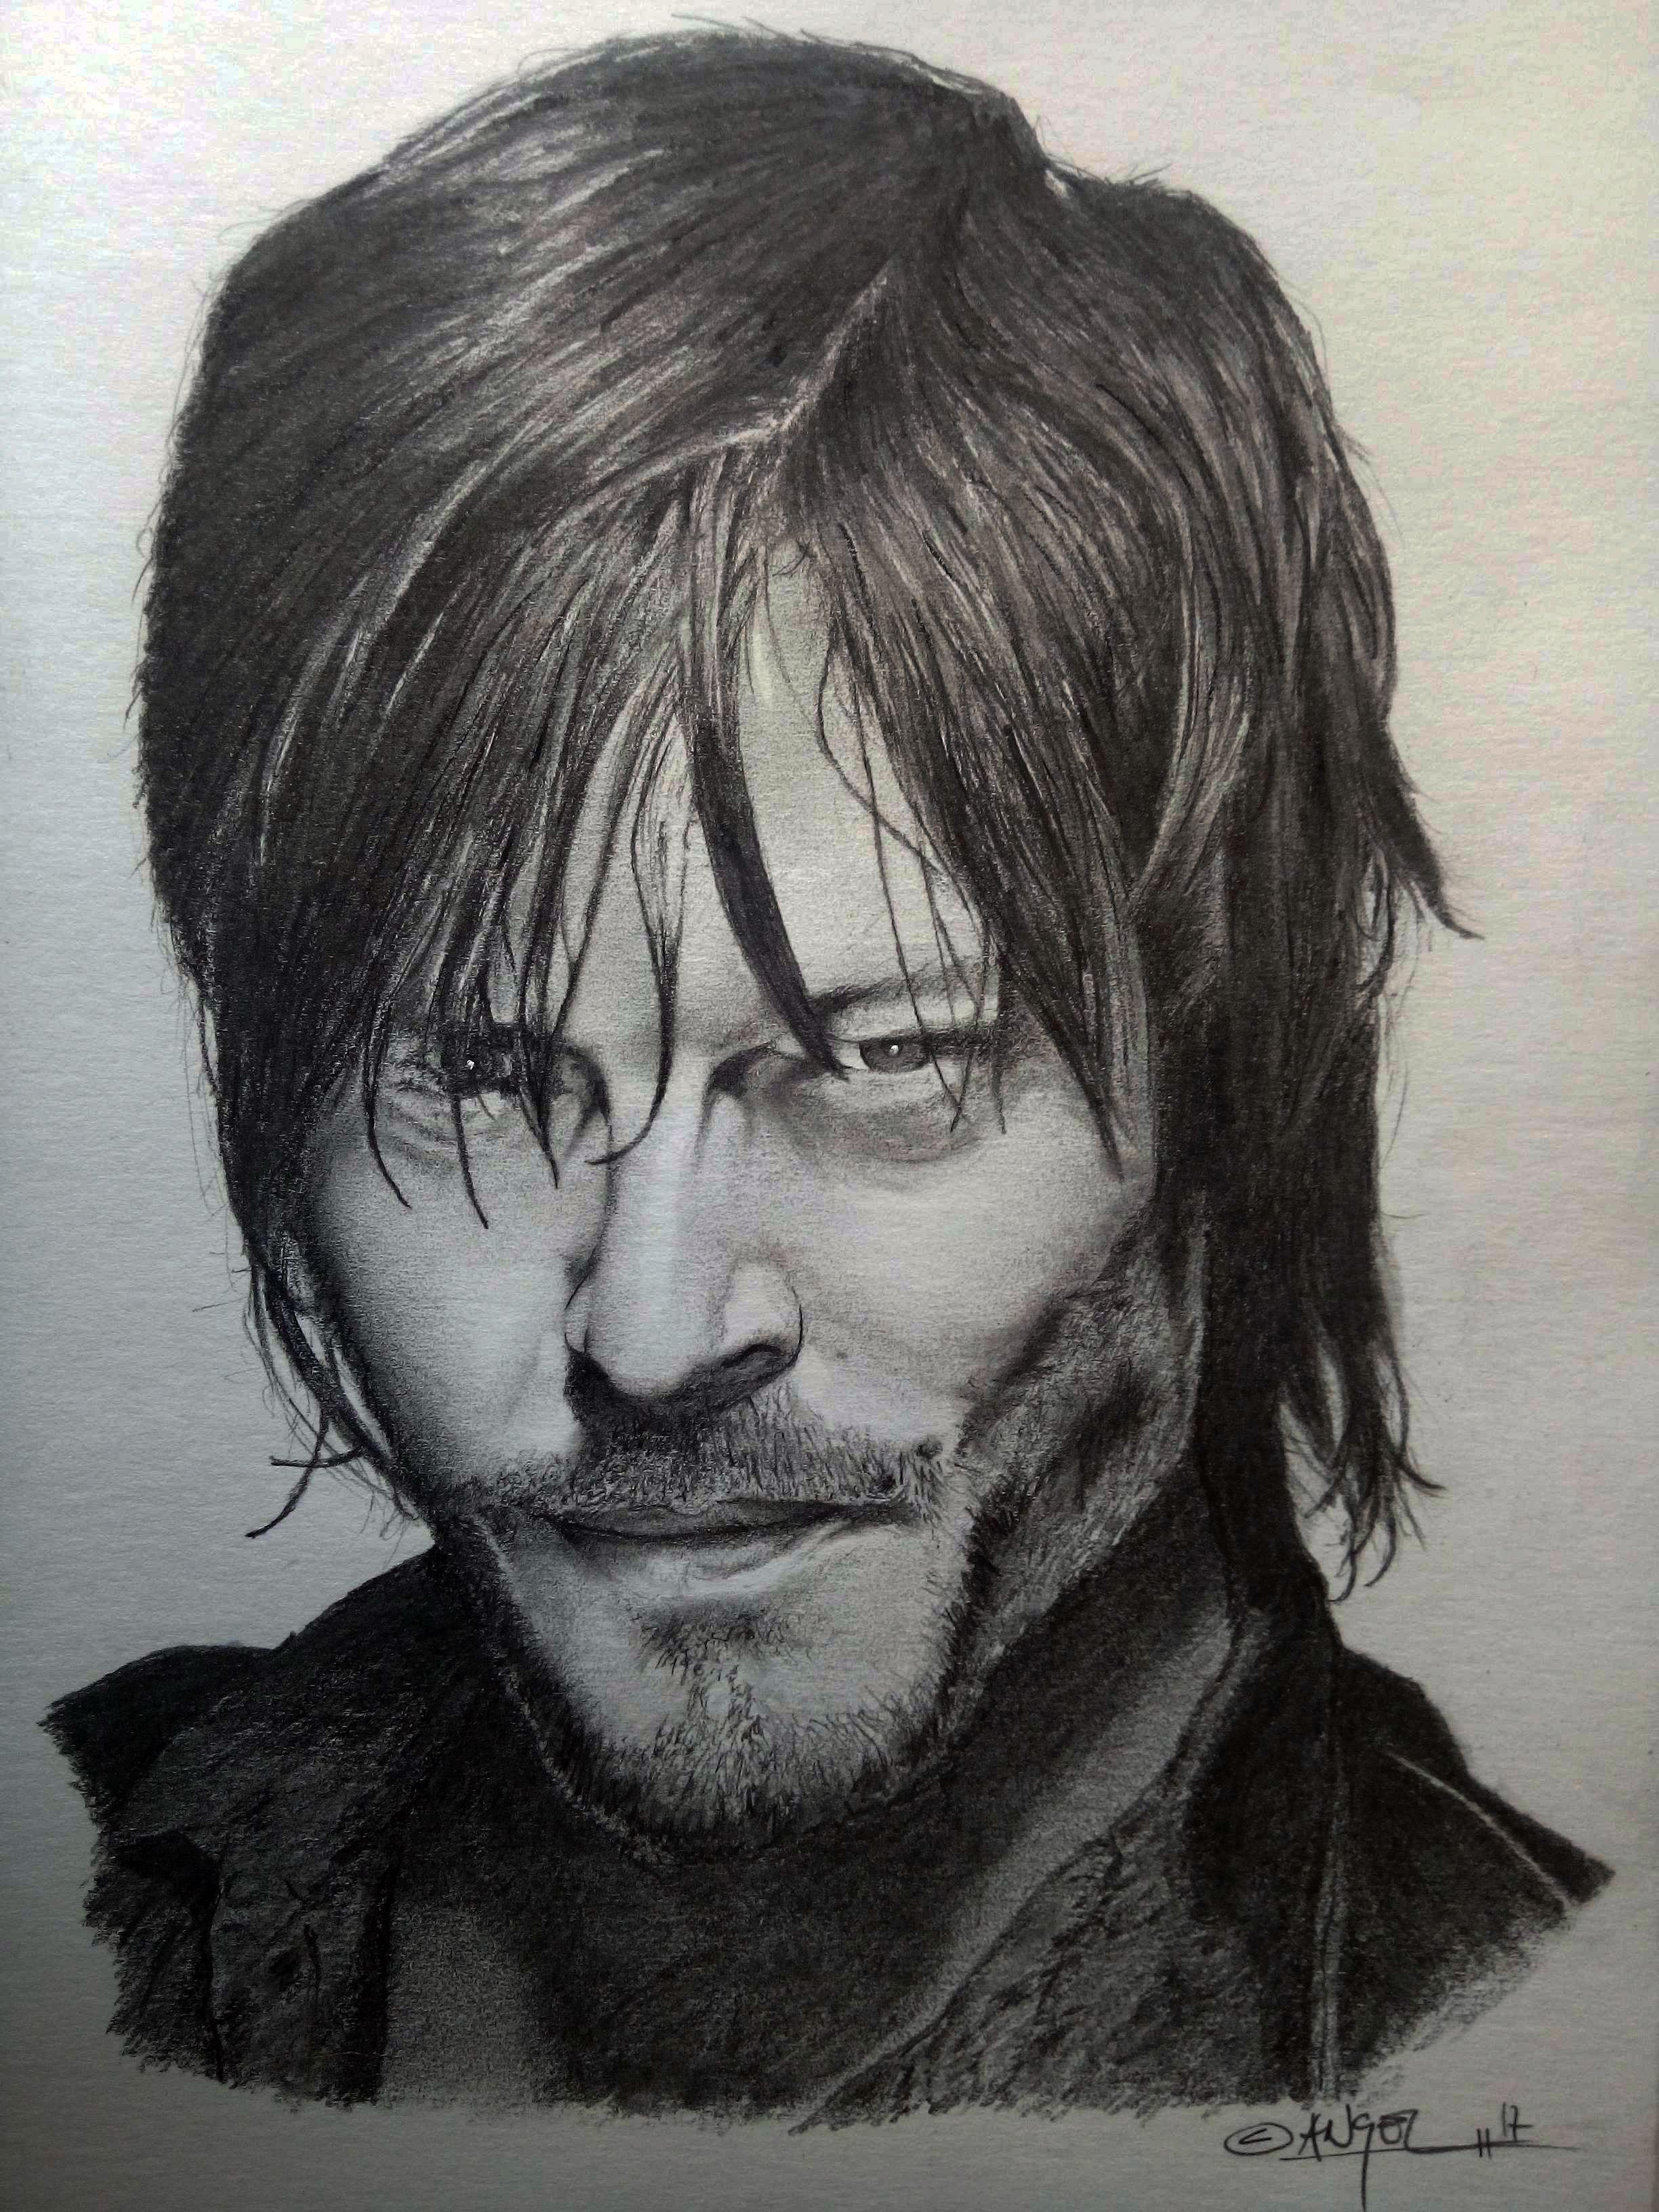 Twd Daryl A Lapiz Hollywood Art Art Male Sketch